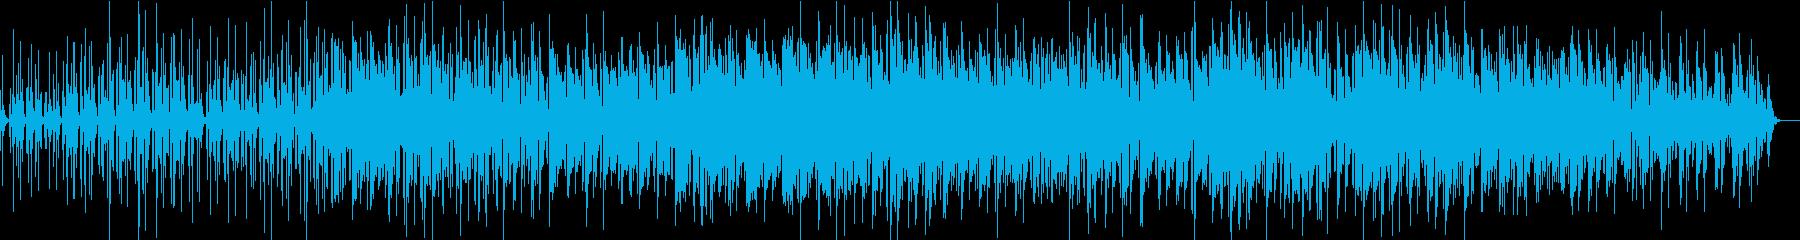 かっこいいベースの再生済みの波形